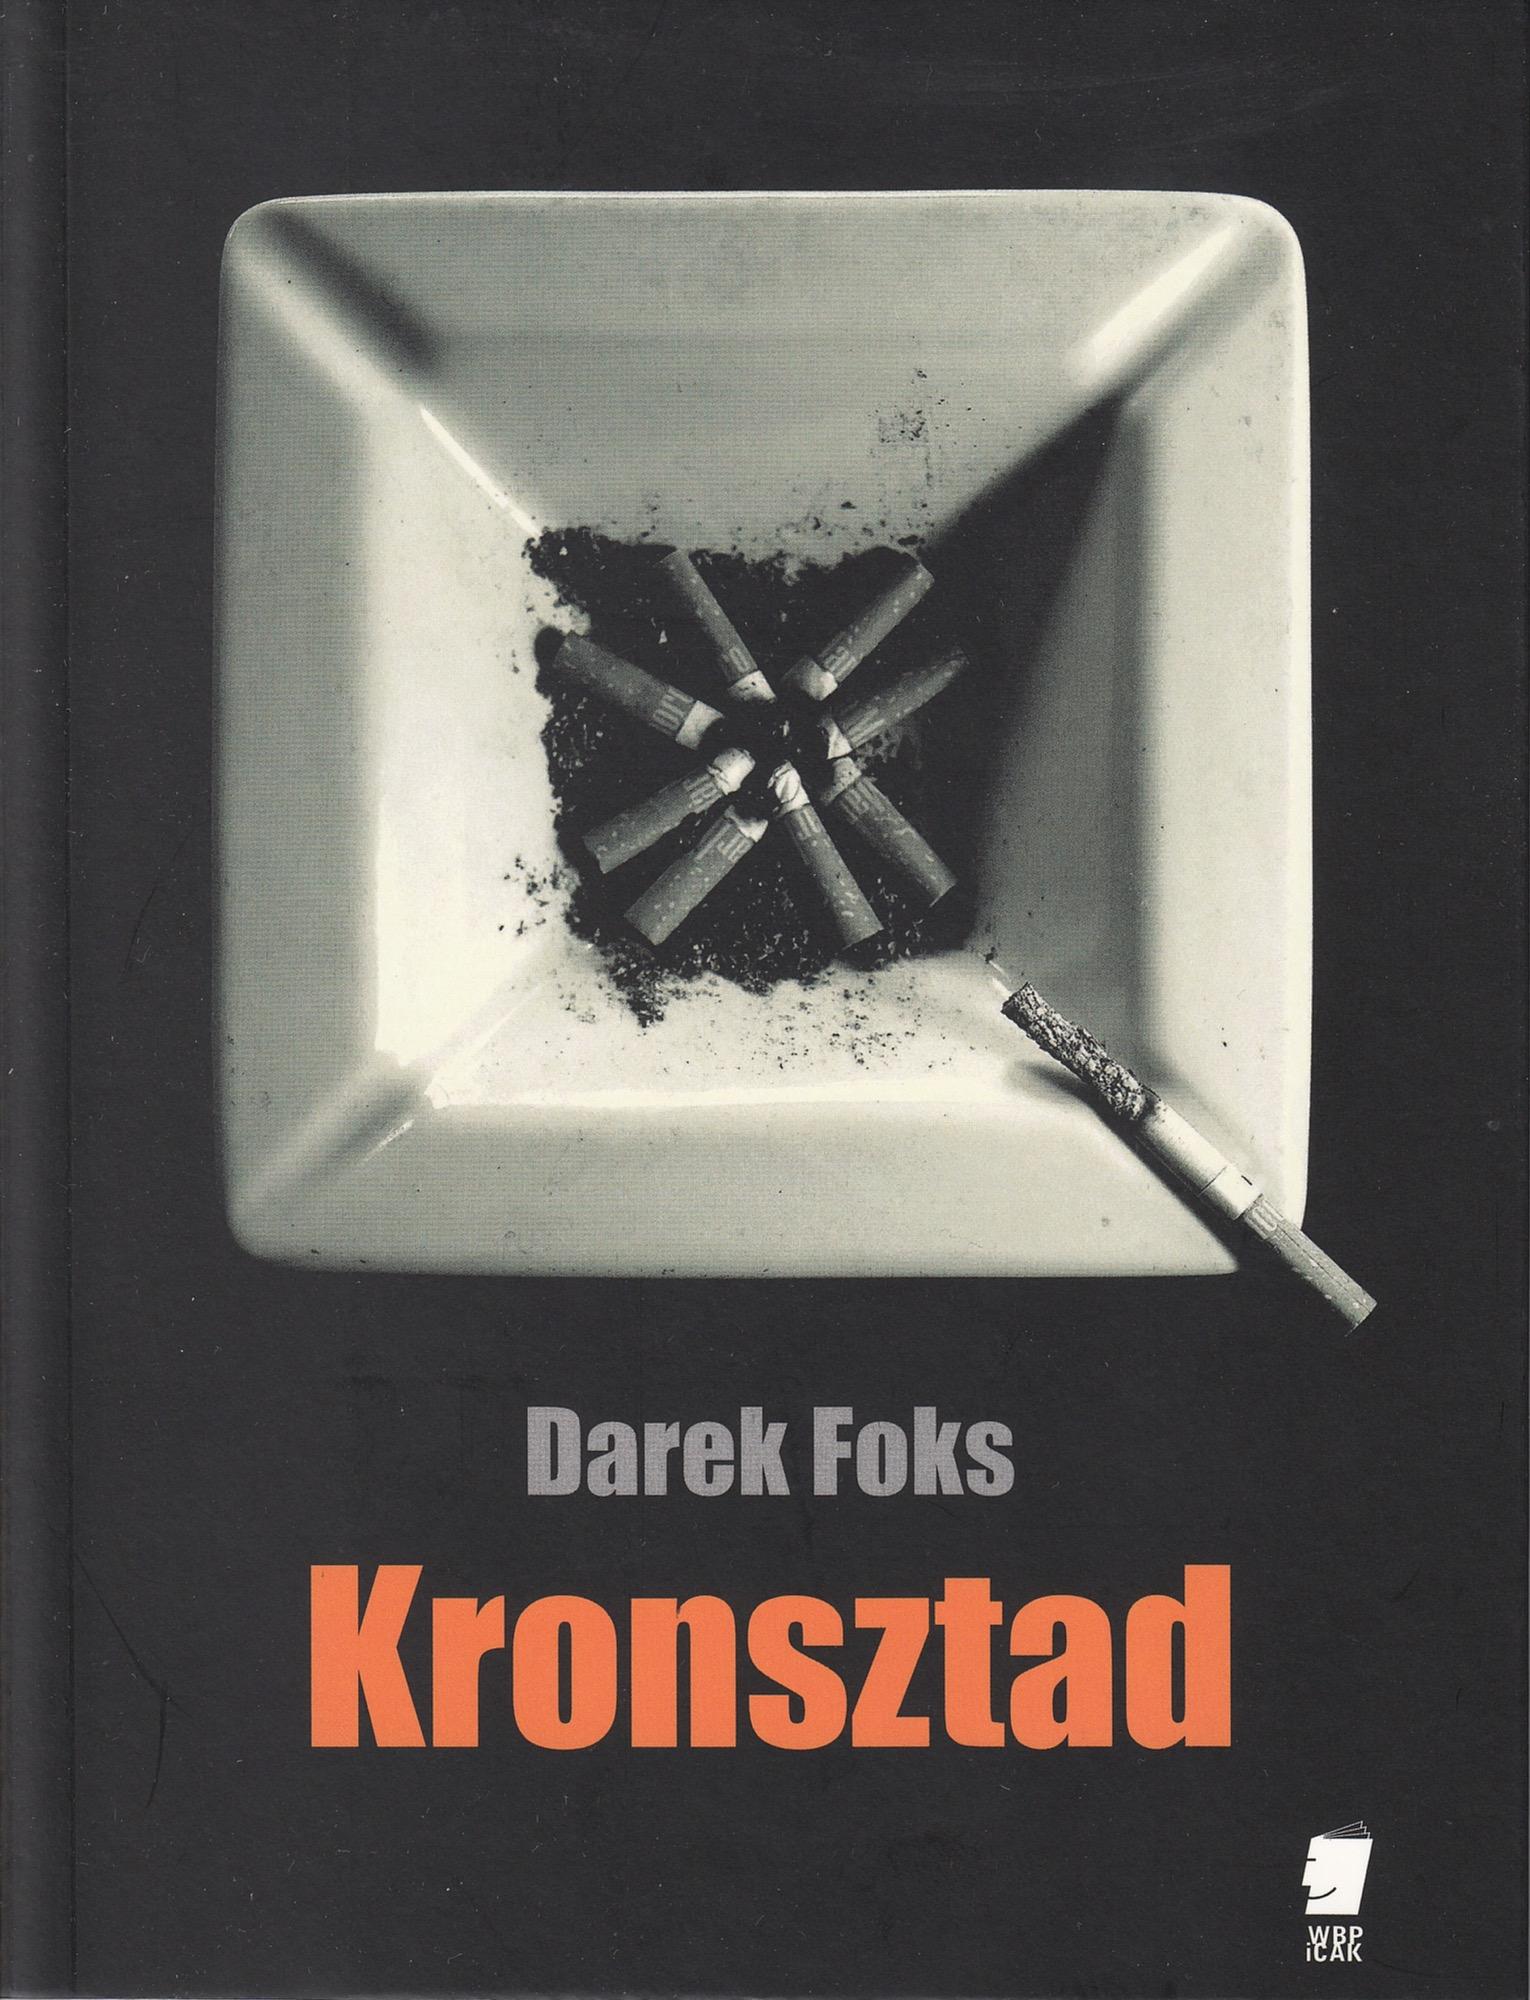 """Darek Foks, """"Kronsztad"""", Wydawnictwo WBPiCAK, 2017 (źródło: materiały prasowe organizatora)"""